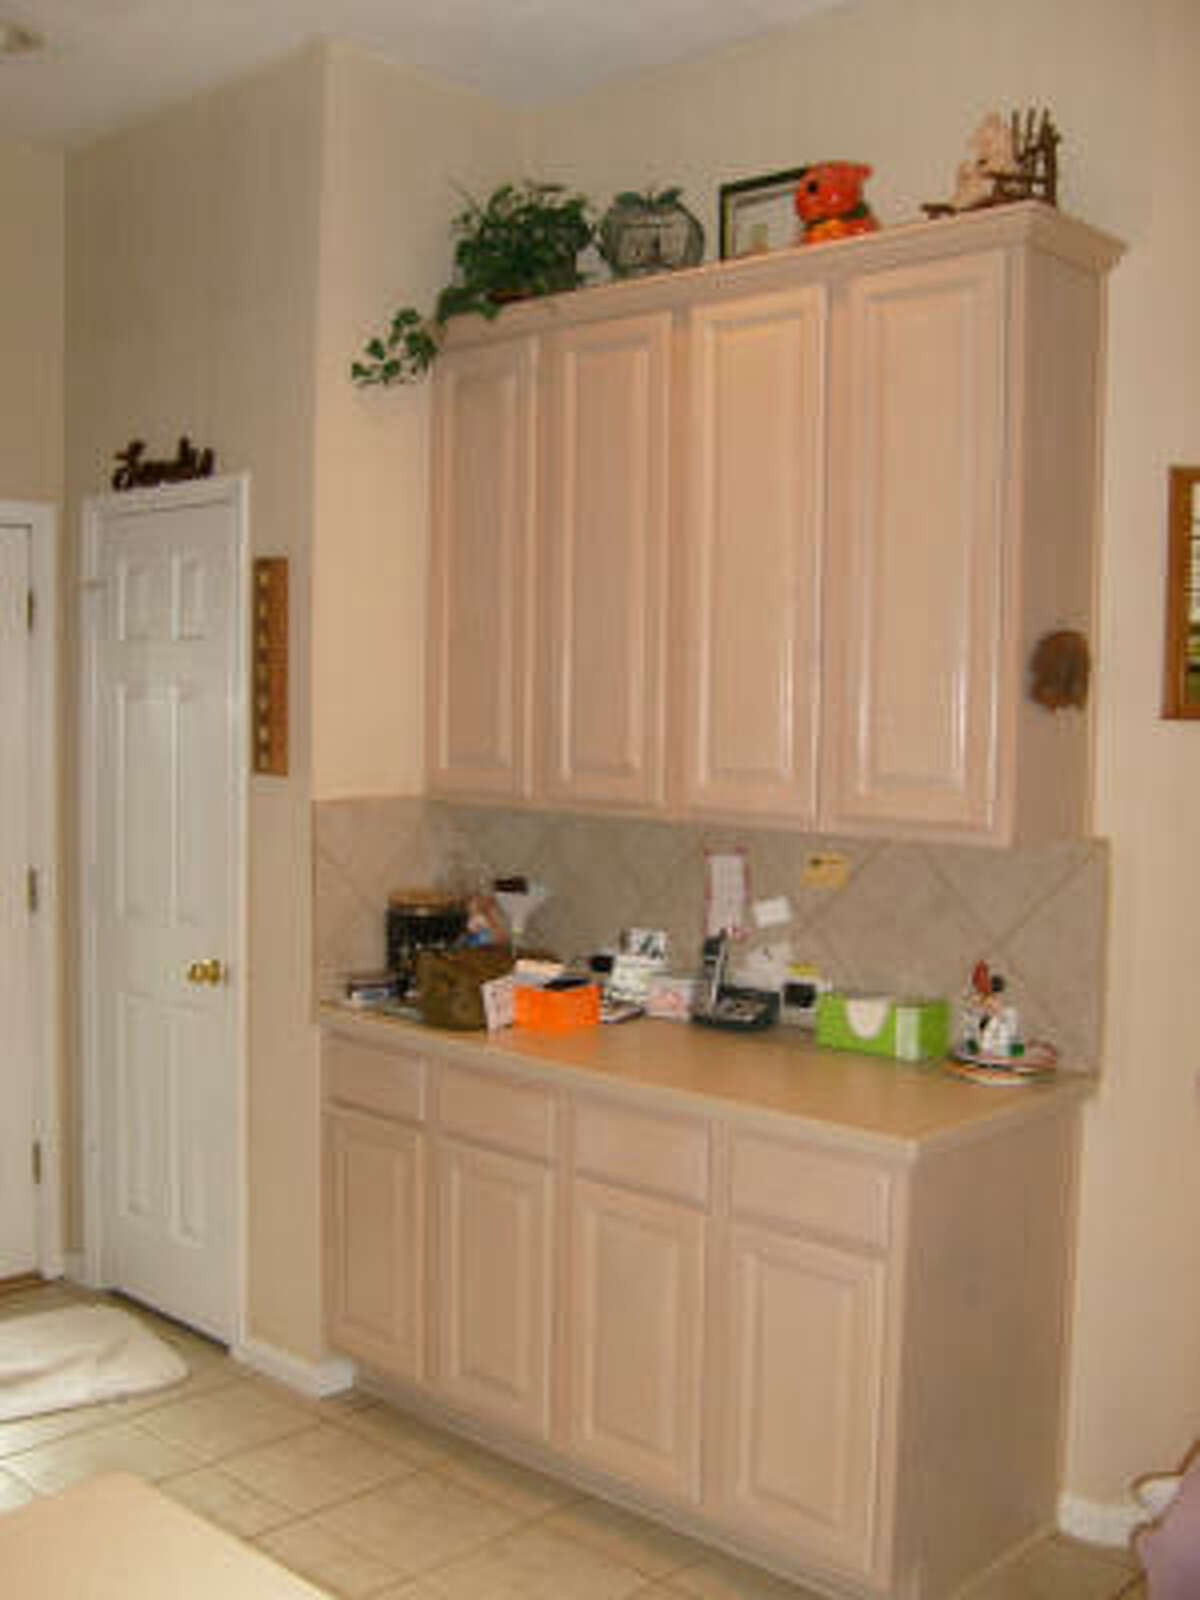 To redo a boring hutch, interior designer Carla Aston didn't order new cabinets…